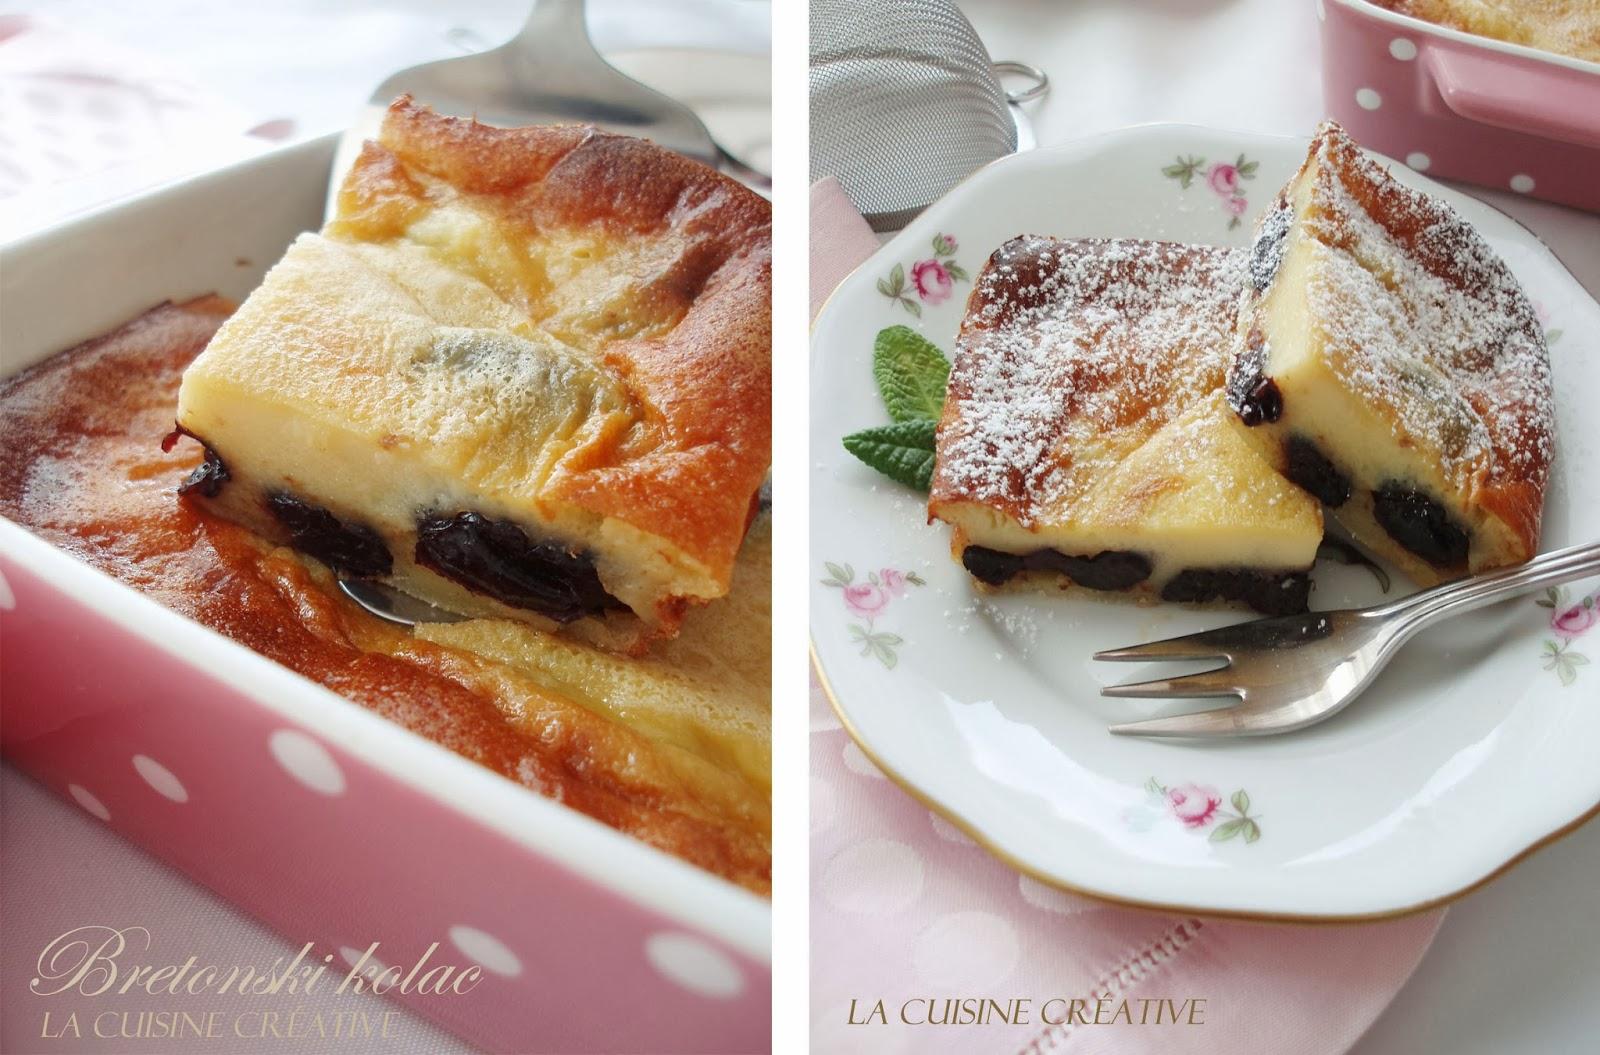 Slikovni rezultat za bretonski kolac